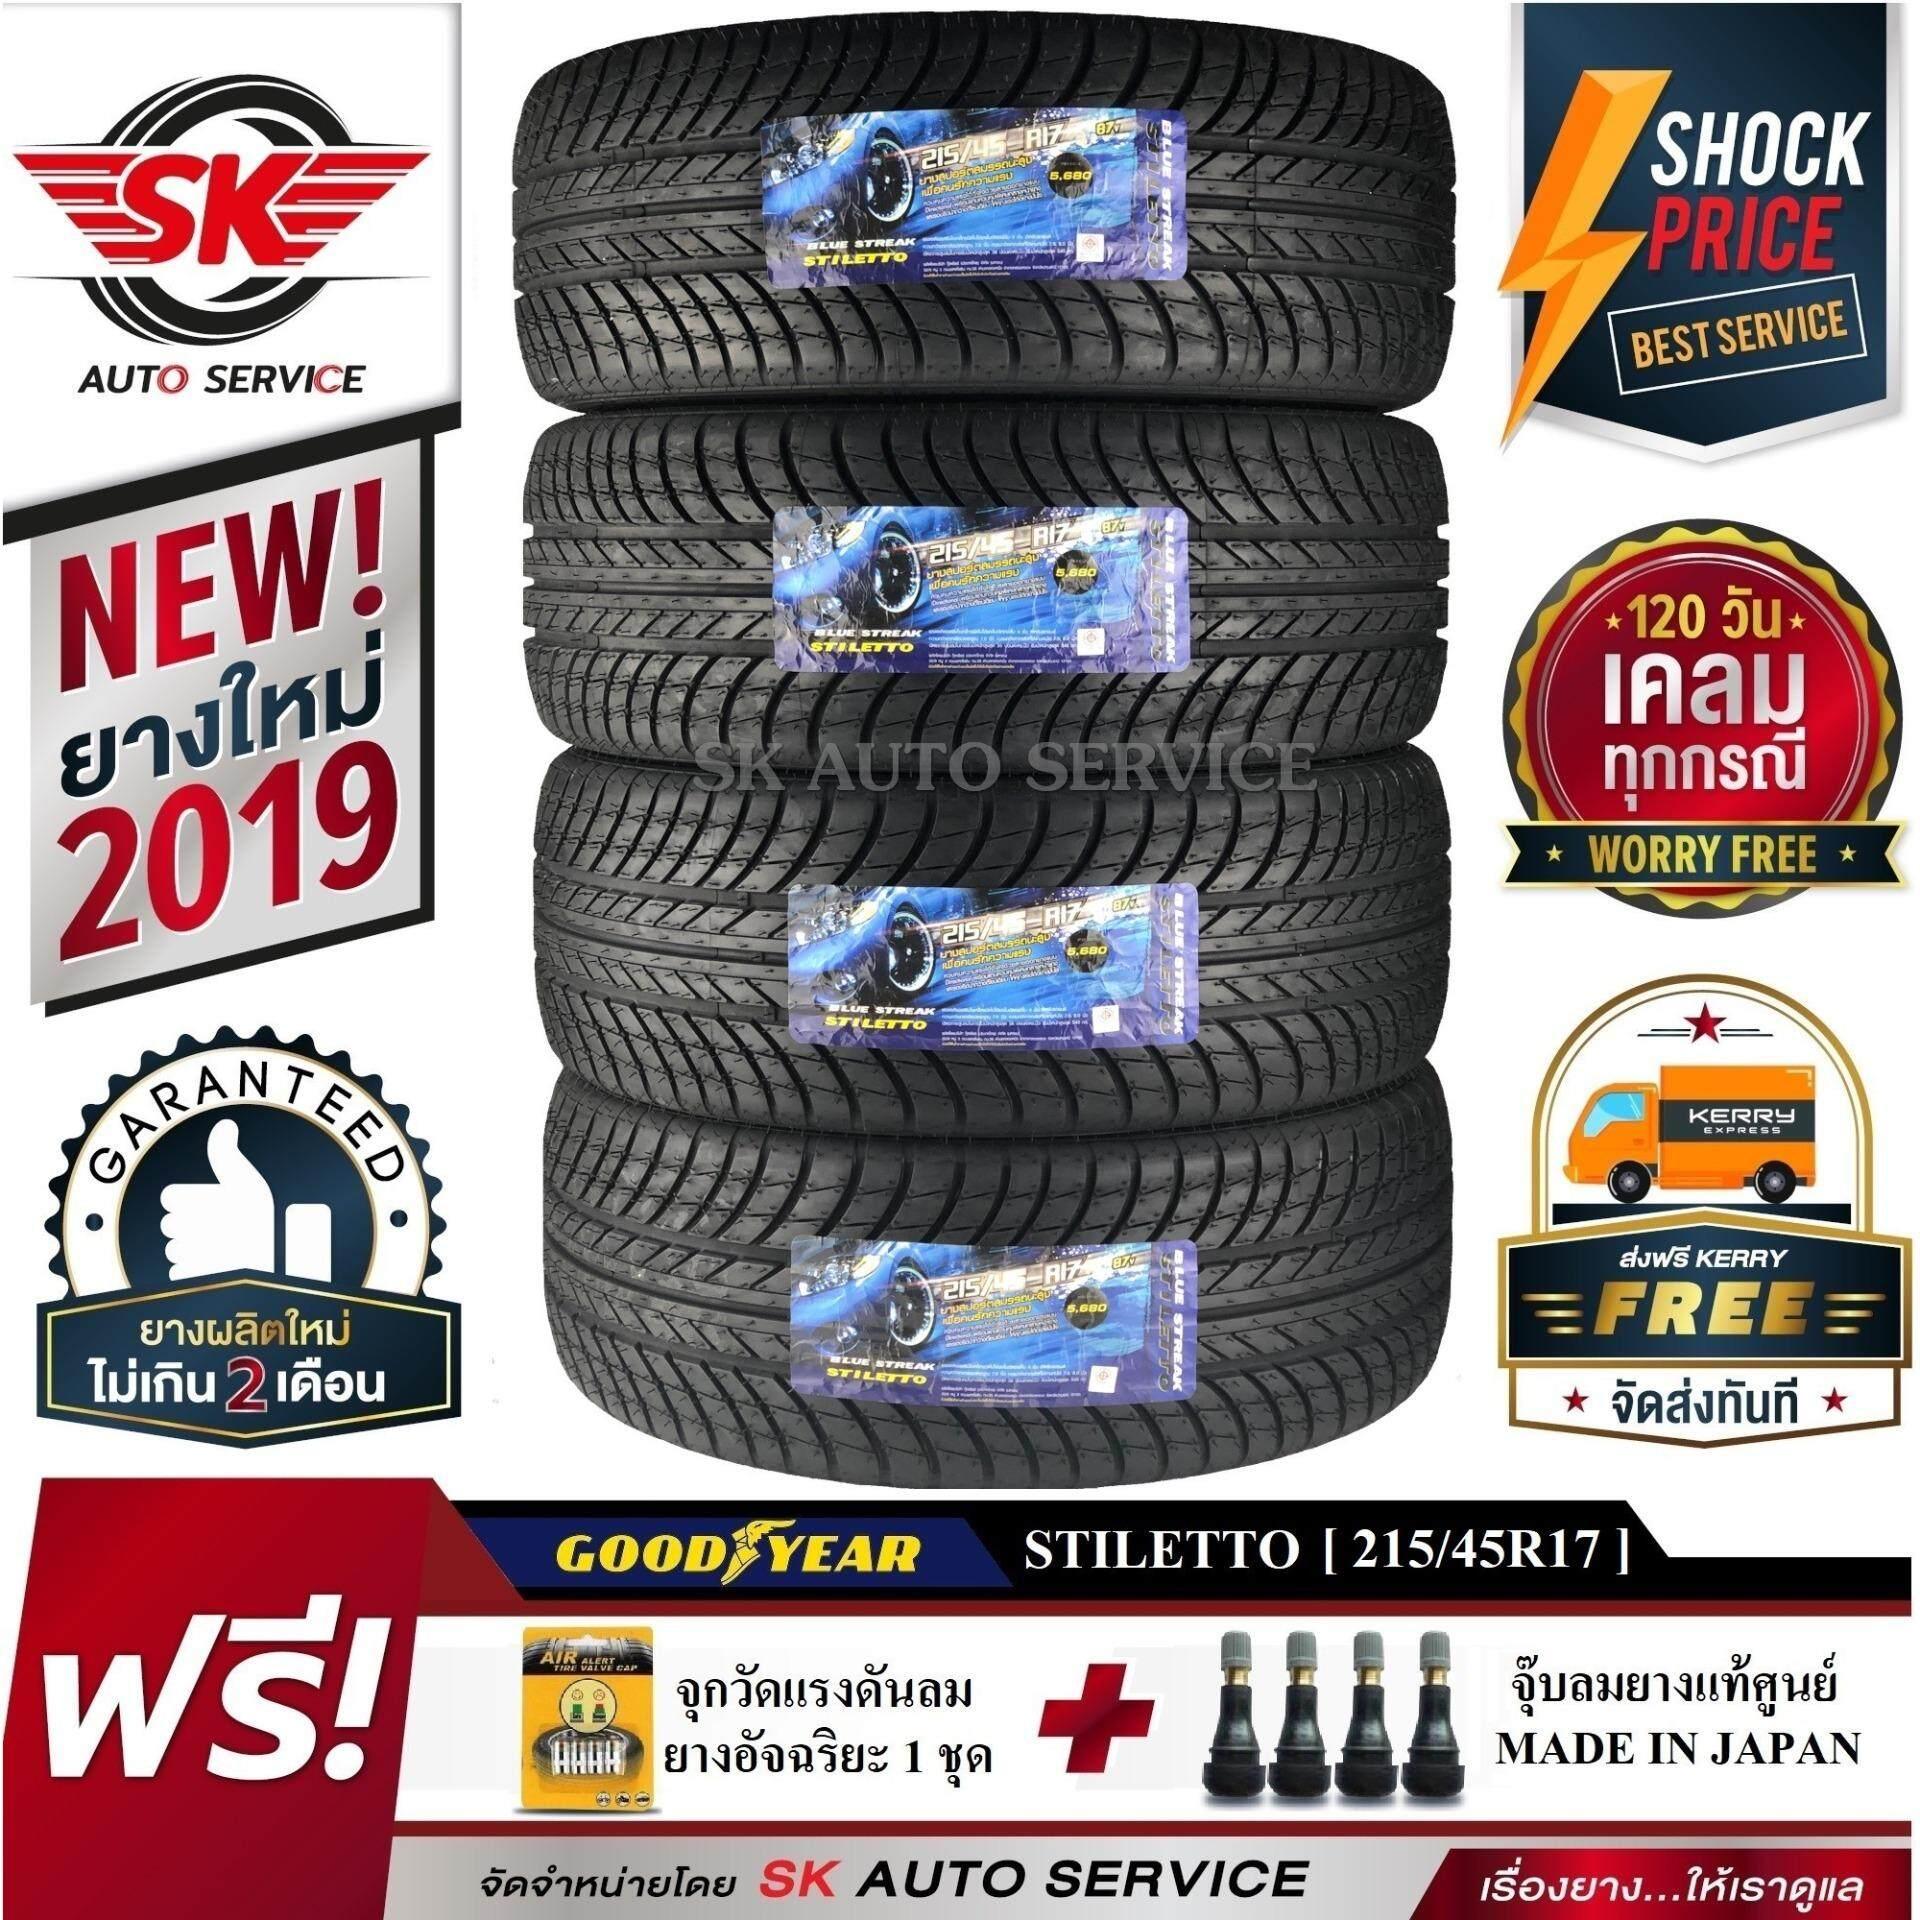 ประกันภัย รถยนต์ แบบ ผ่อน ได้ กาญจนบุรี GOODYEAR ยางรถยนต์ (ล้อขอบ17) 215/45R17 รุ่น Blue Streak Stiletto 4 เส้น (ยางใหม่กริ๊ปปี 2019)